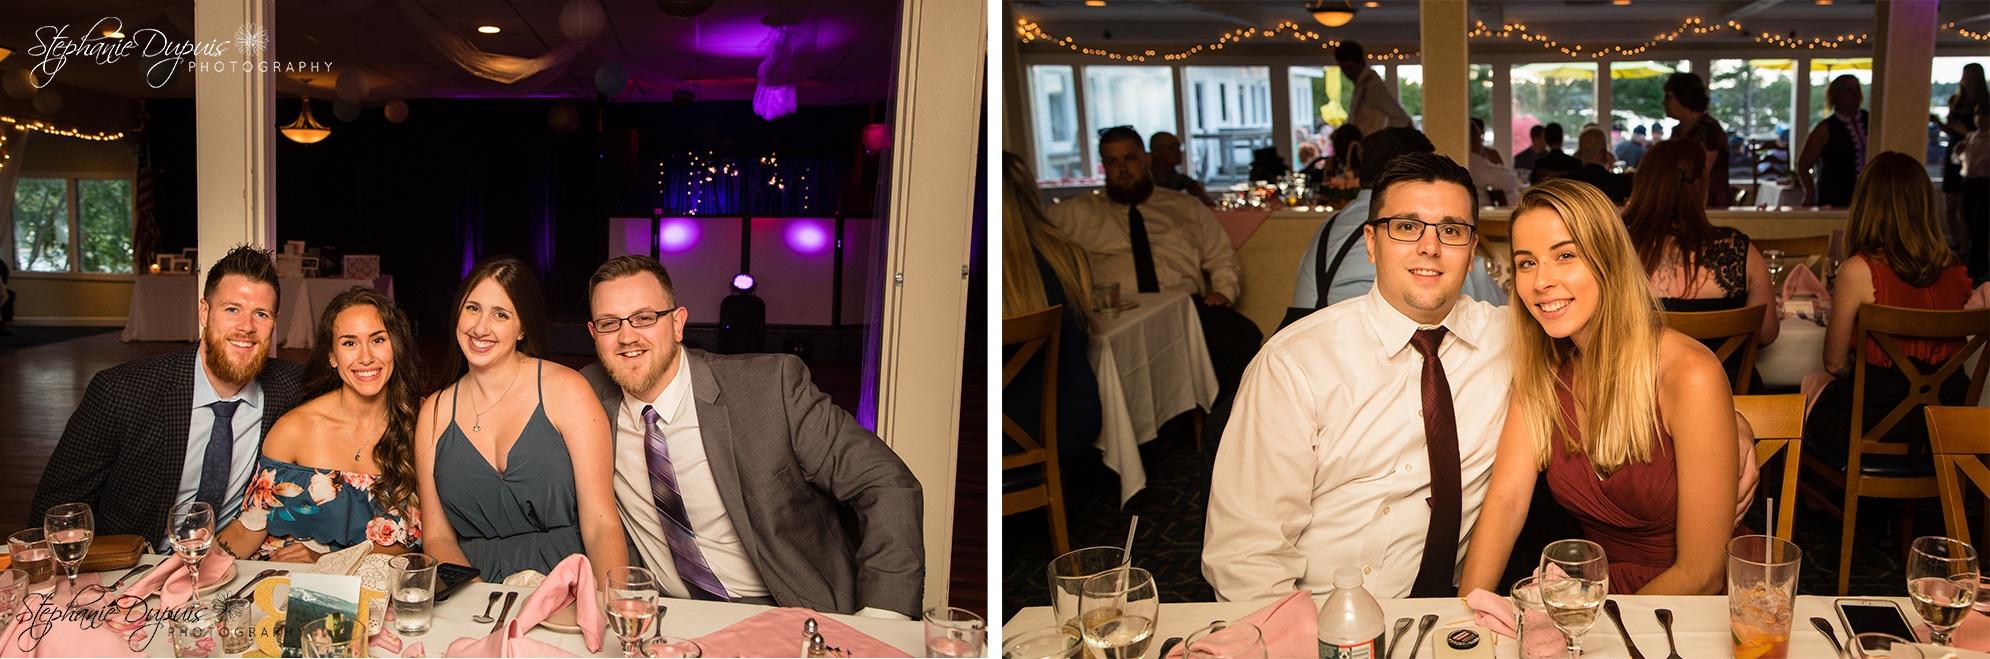 Gaffney 29 - Portfolio: Gaffney Wedding